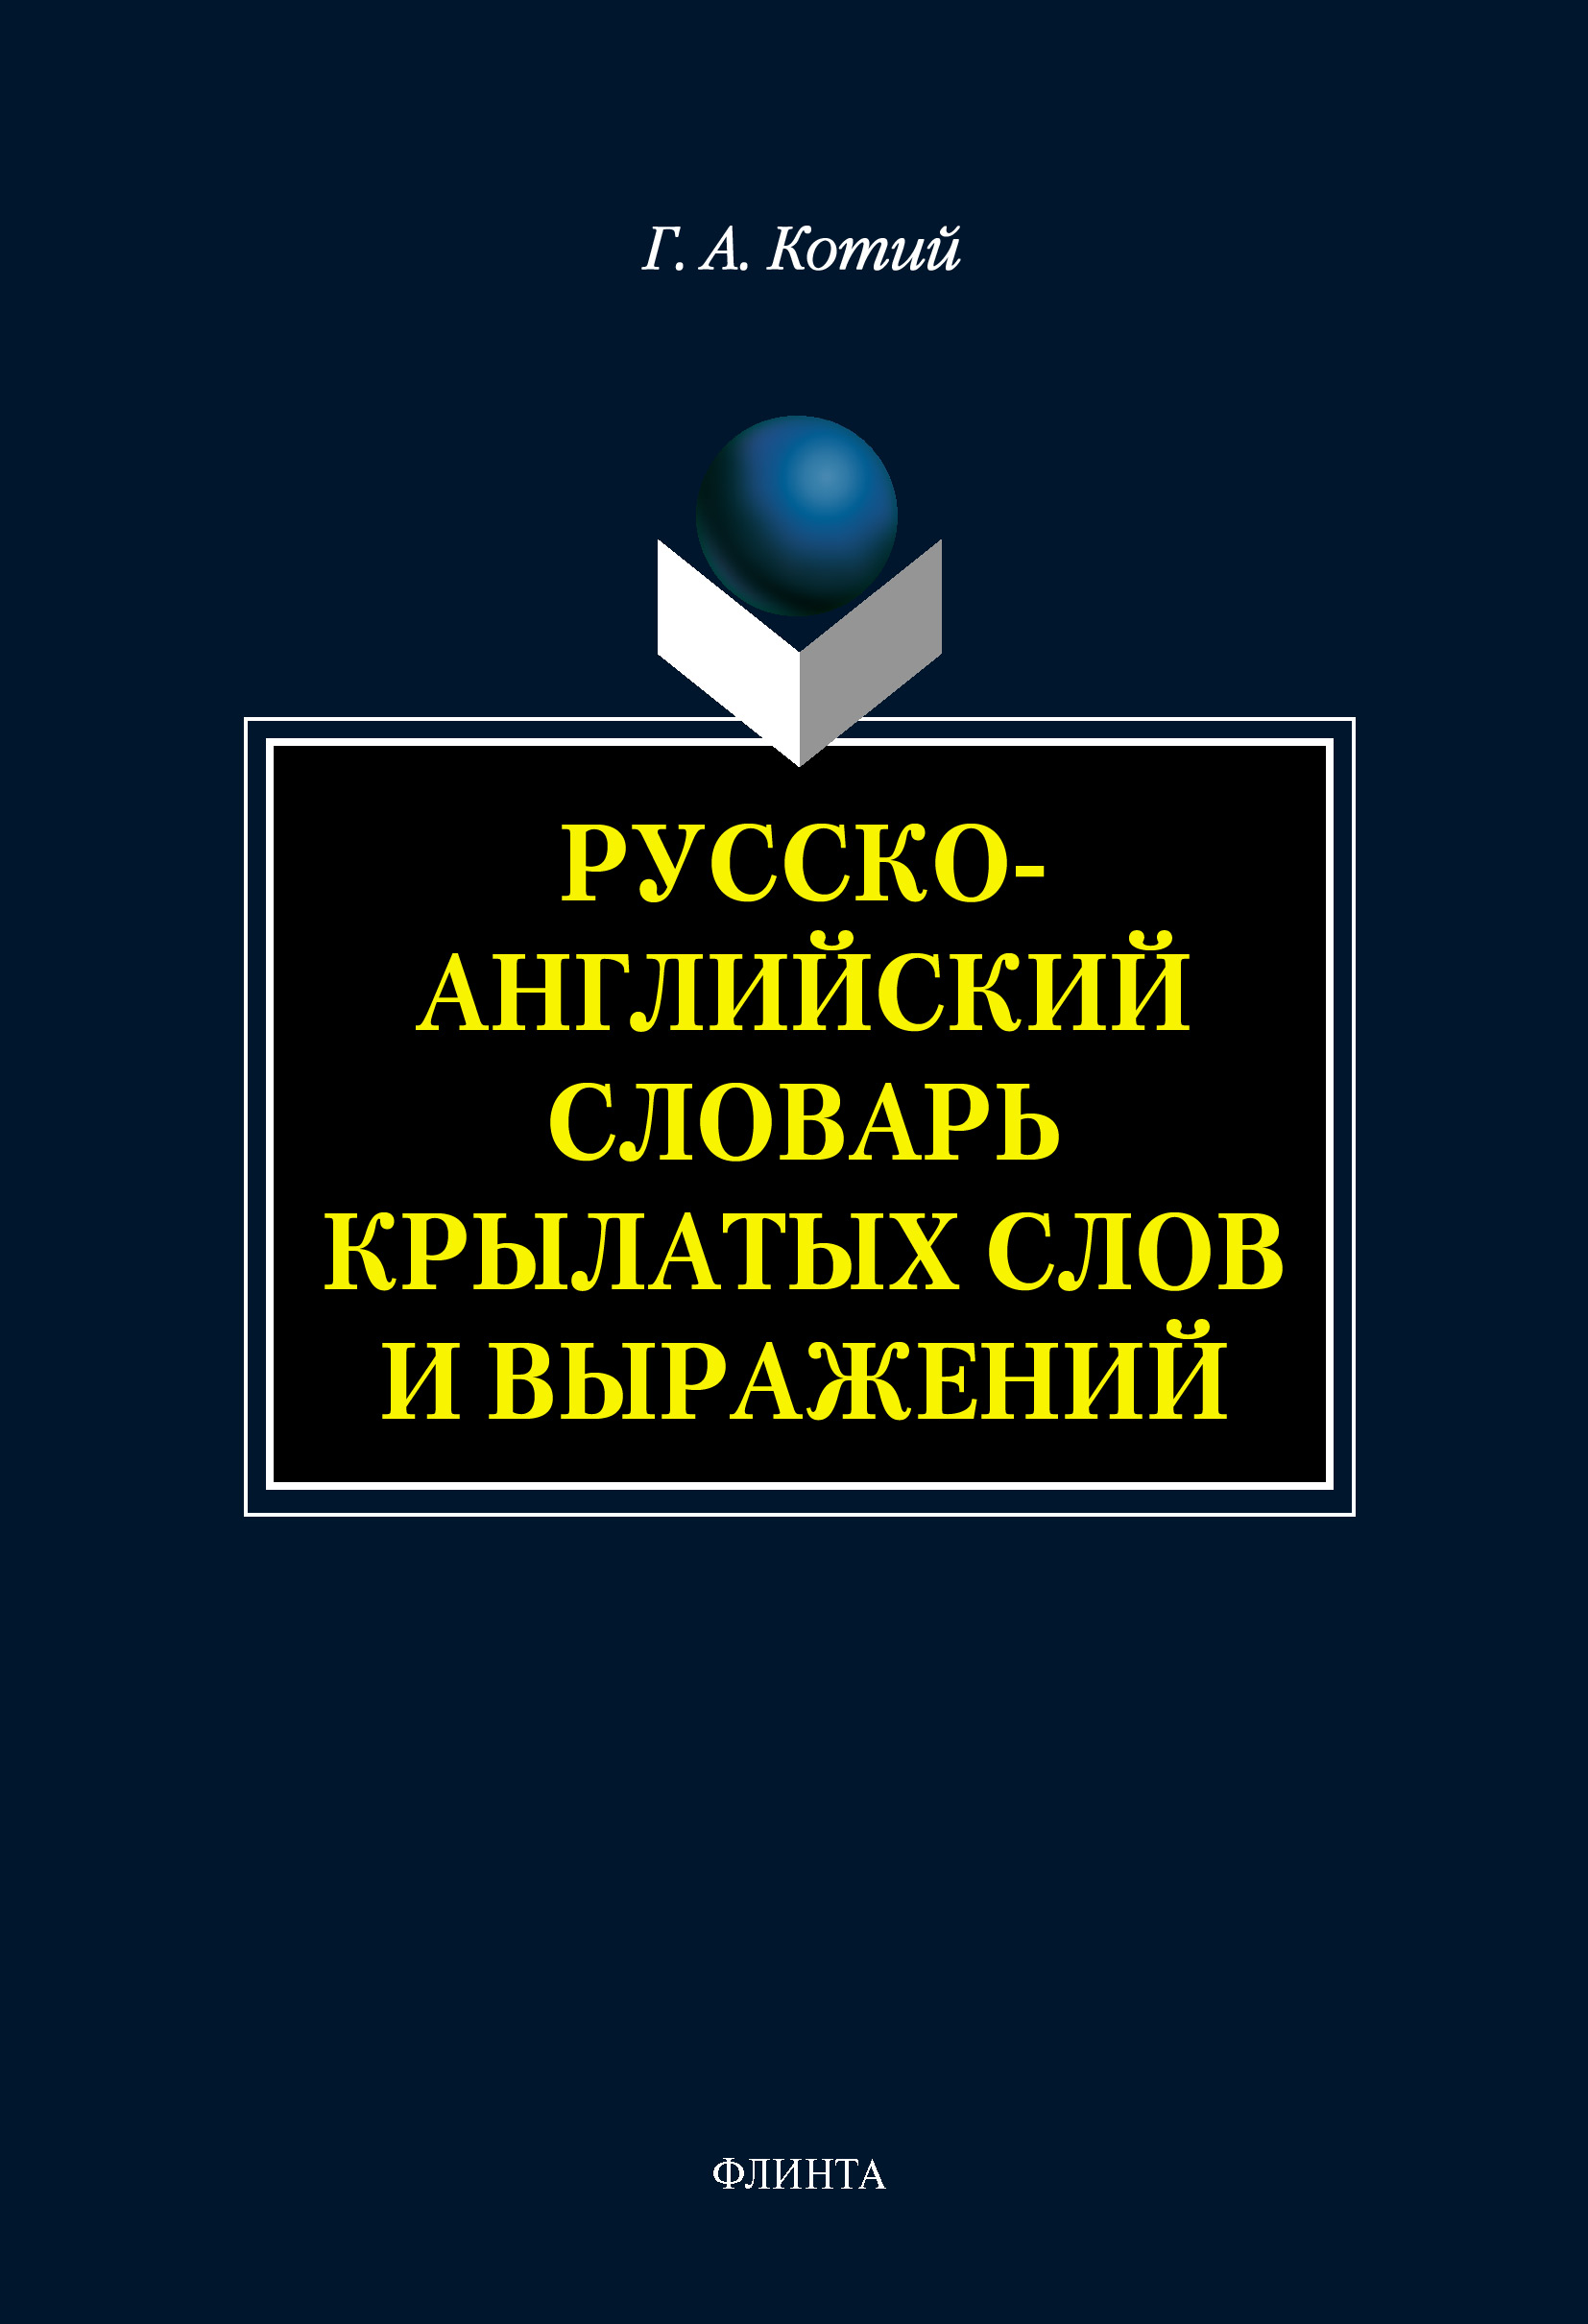 Г. А. Котий Русско-английский словарь крылатых слов и выражений л ф шитова русско английский словарь образных слов и выражений idioms